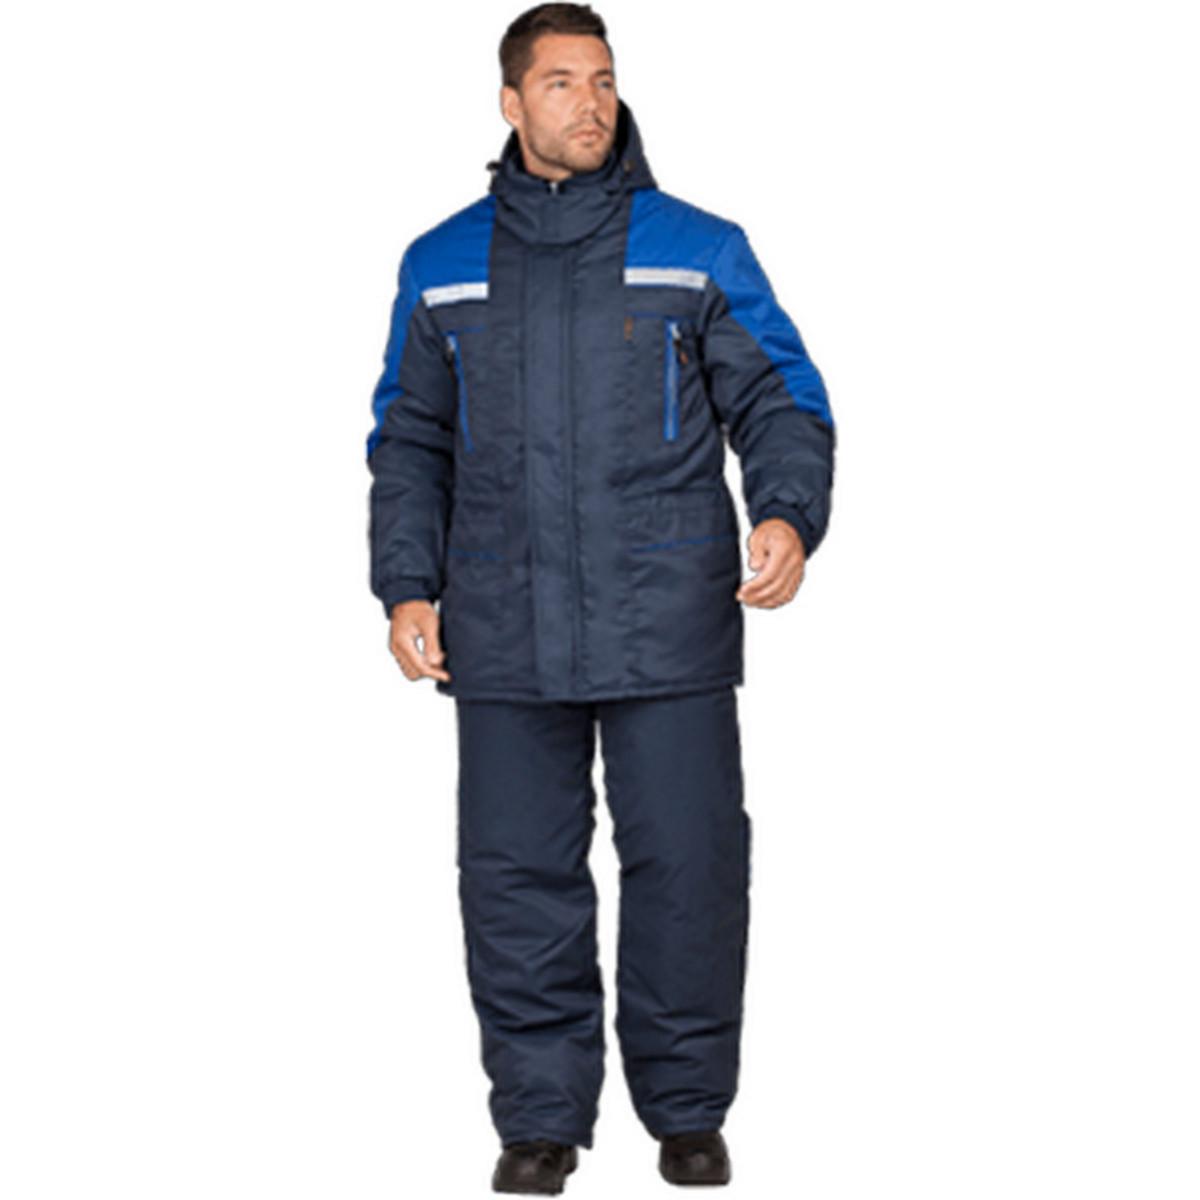 Куртка СПЕЦ утепленная т/синий-василек (разм. 128-132 рост 170-176)